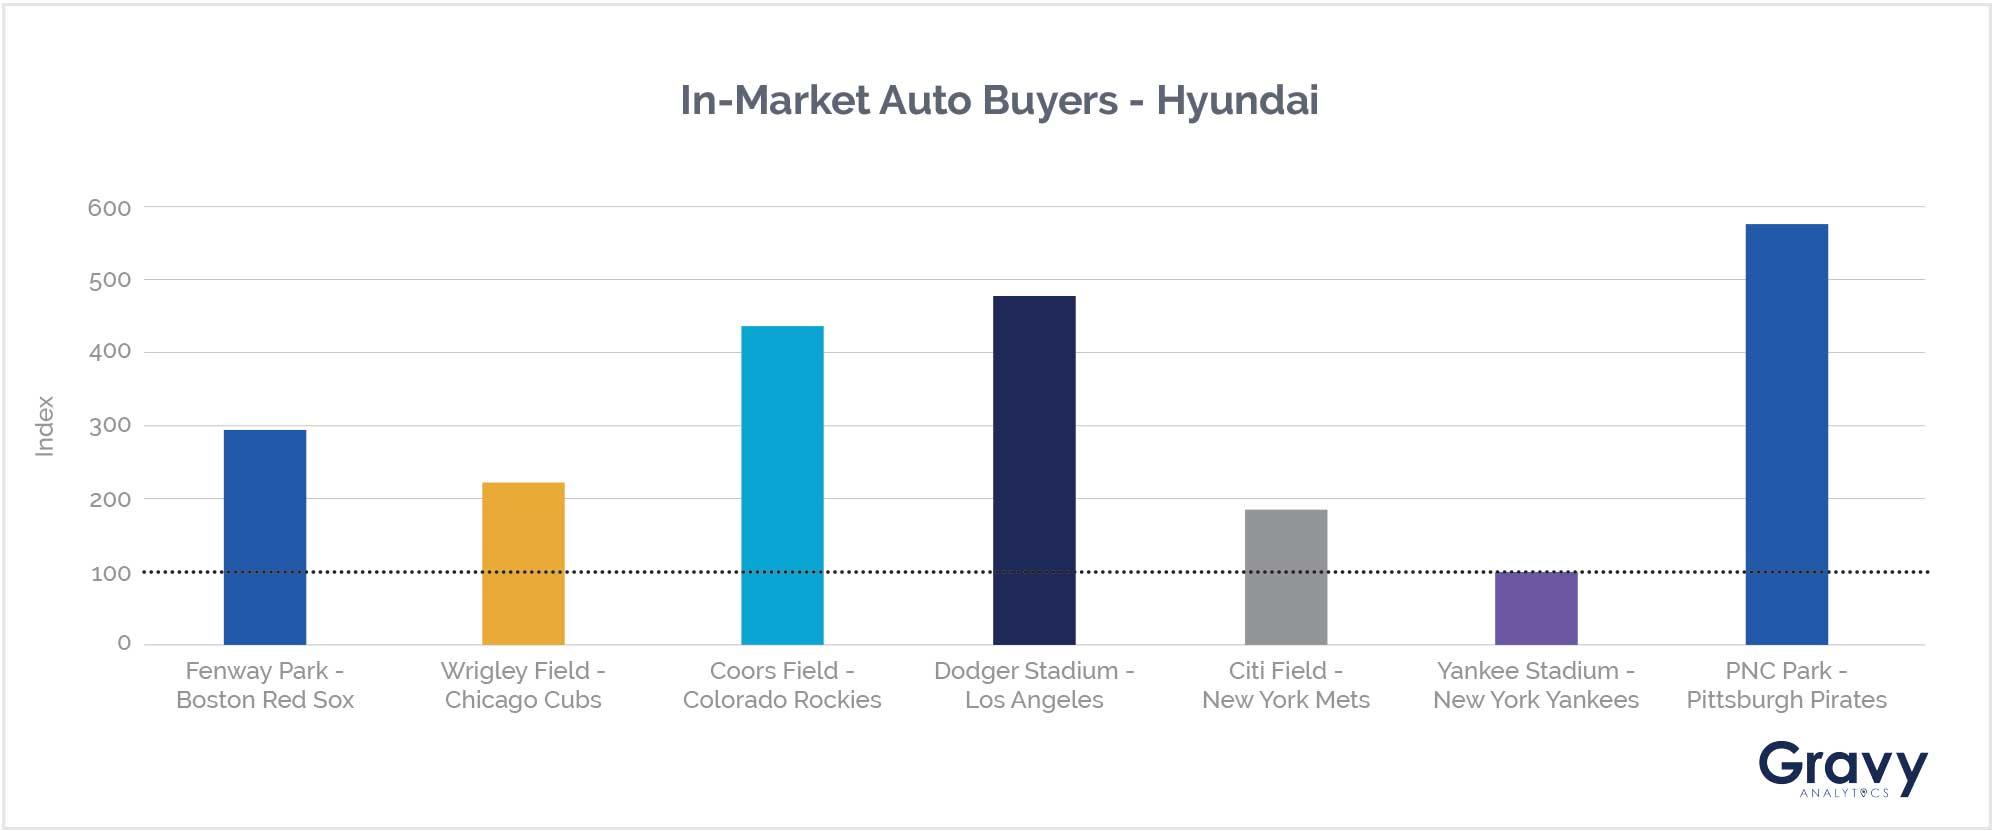 In-Market Auto Buyers - Hyundai Chart